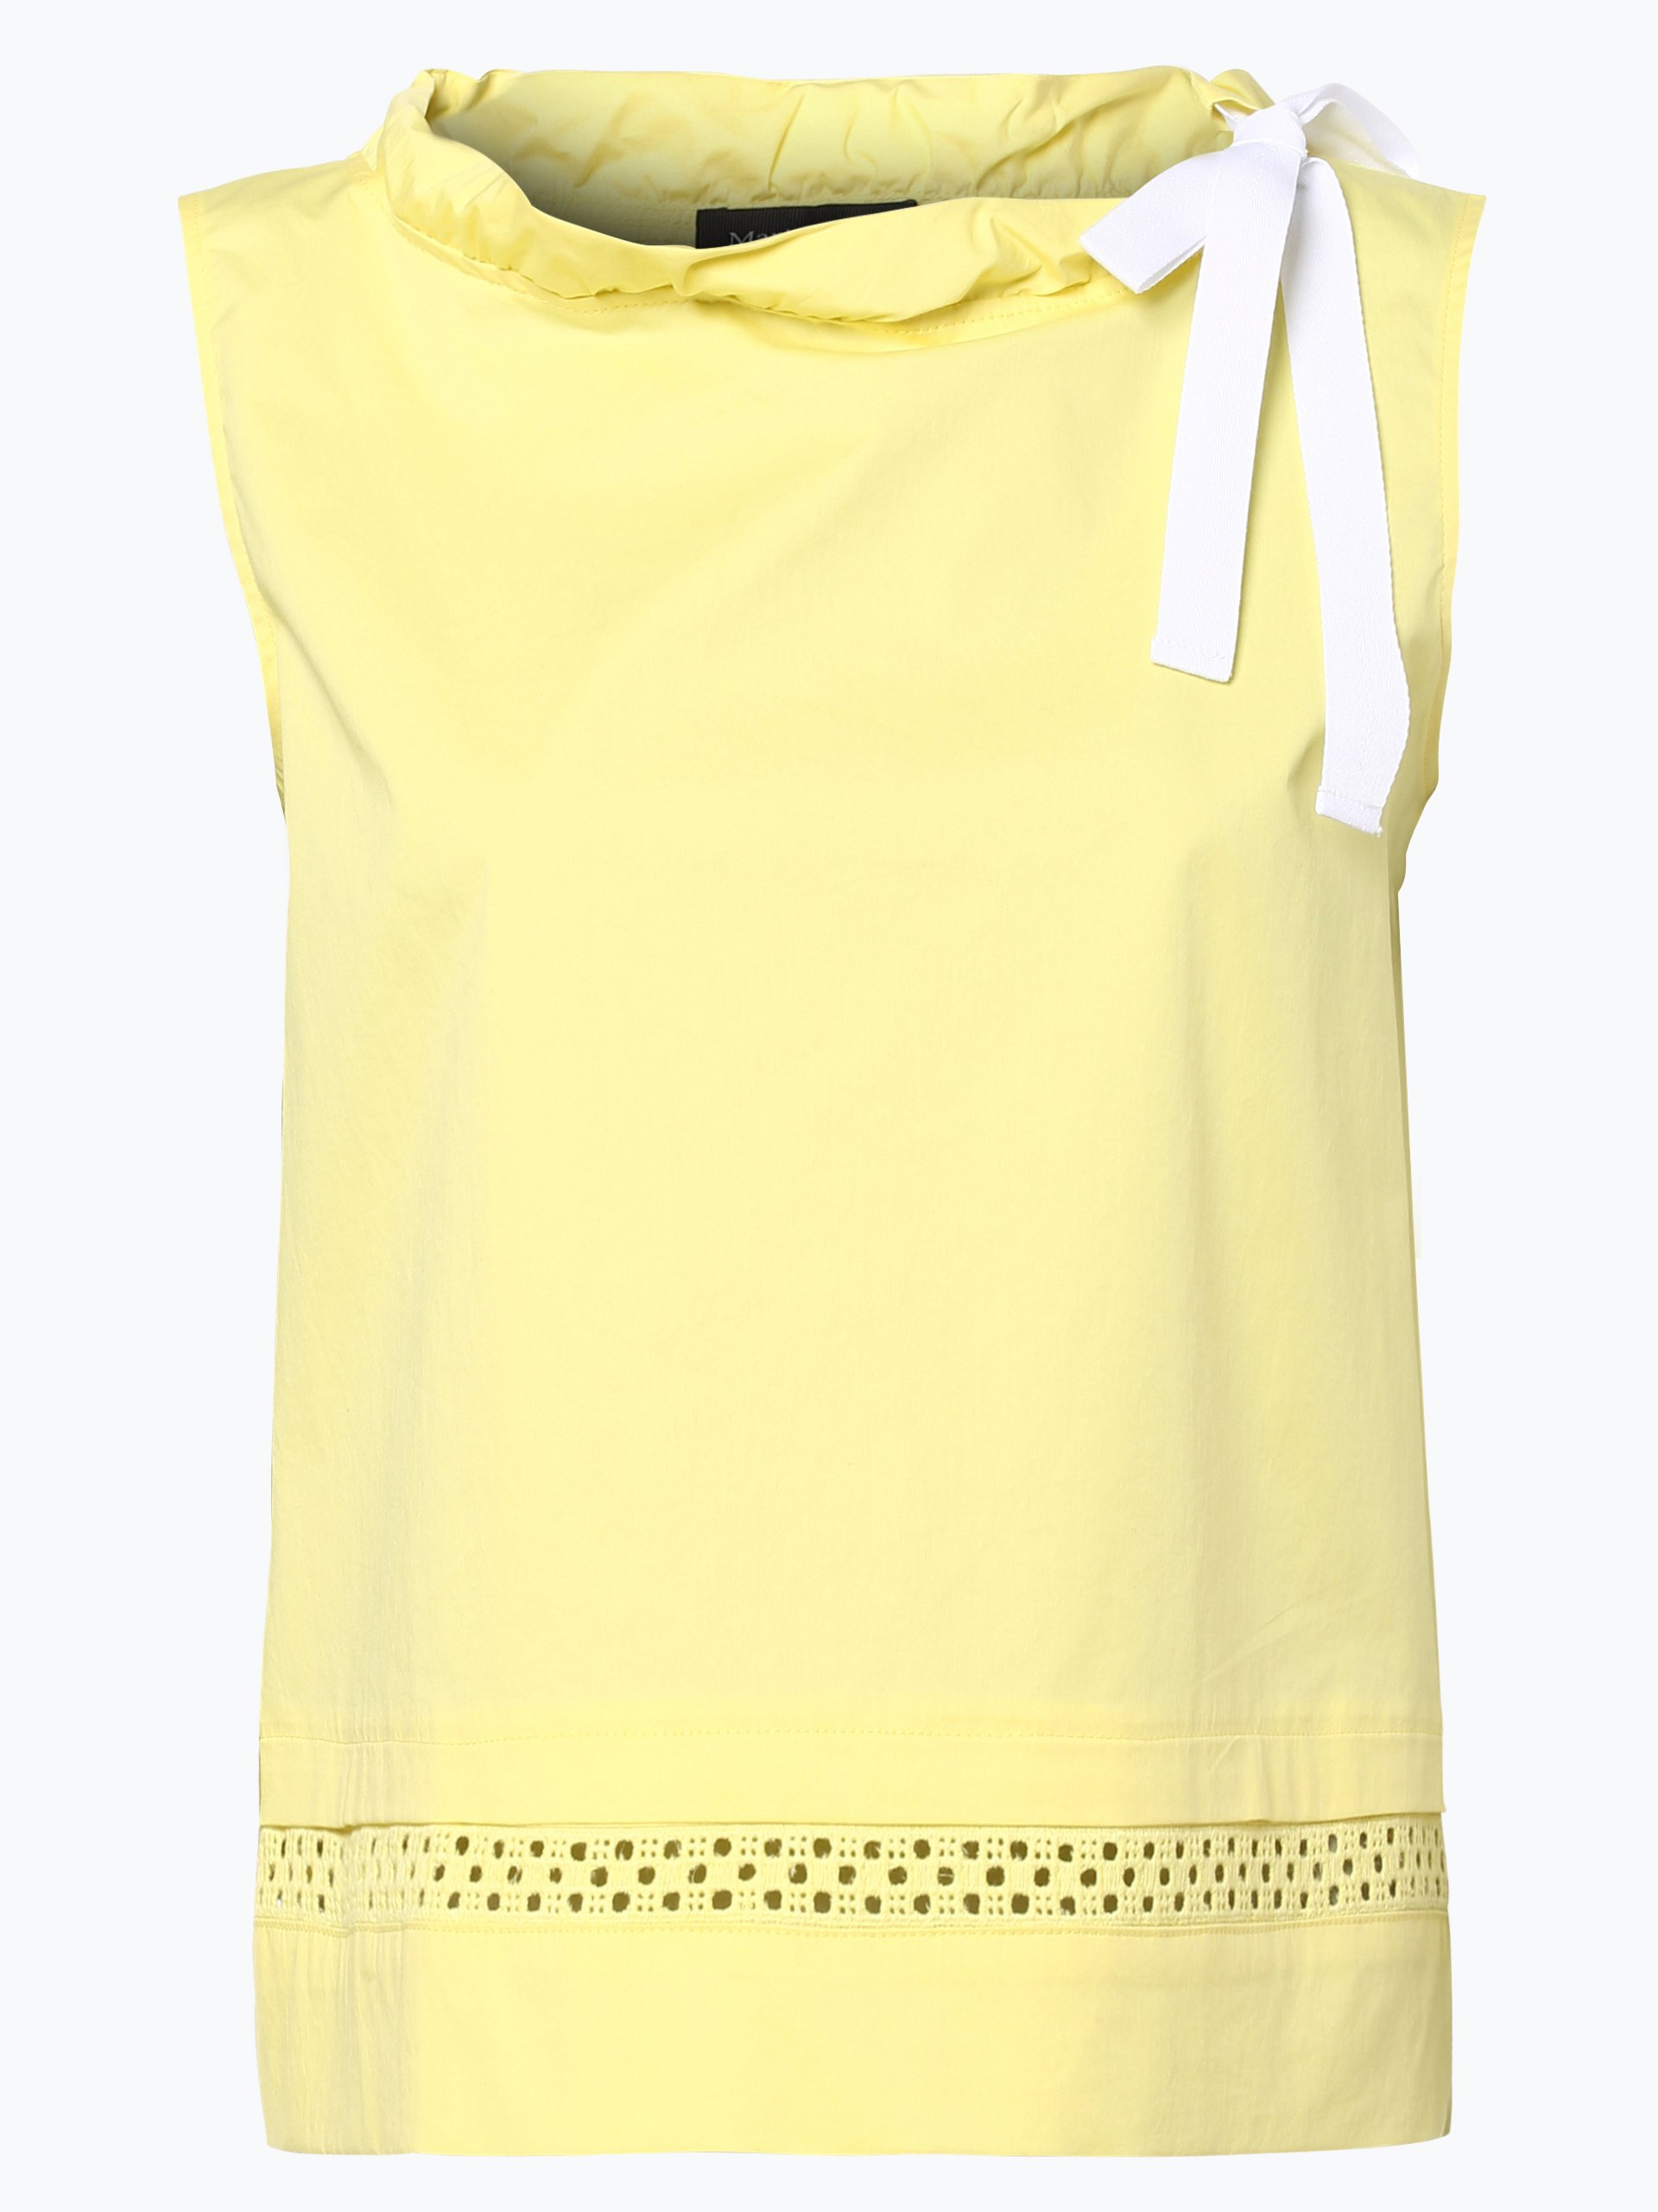 marie lund damen bluse gelb uni online kaufen vangraaf com. Black Bedroom Furniture Sets. Home Design Ideas